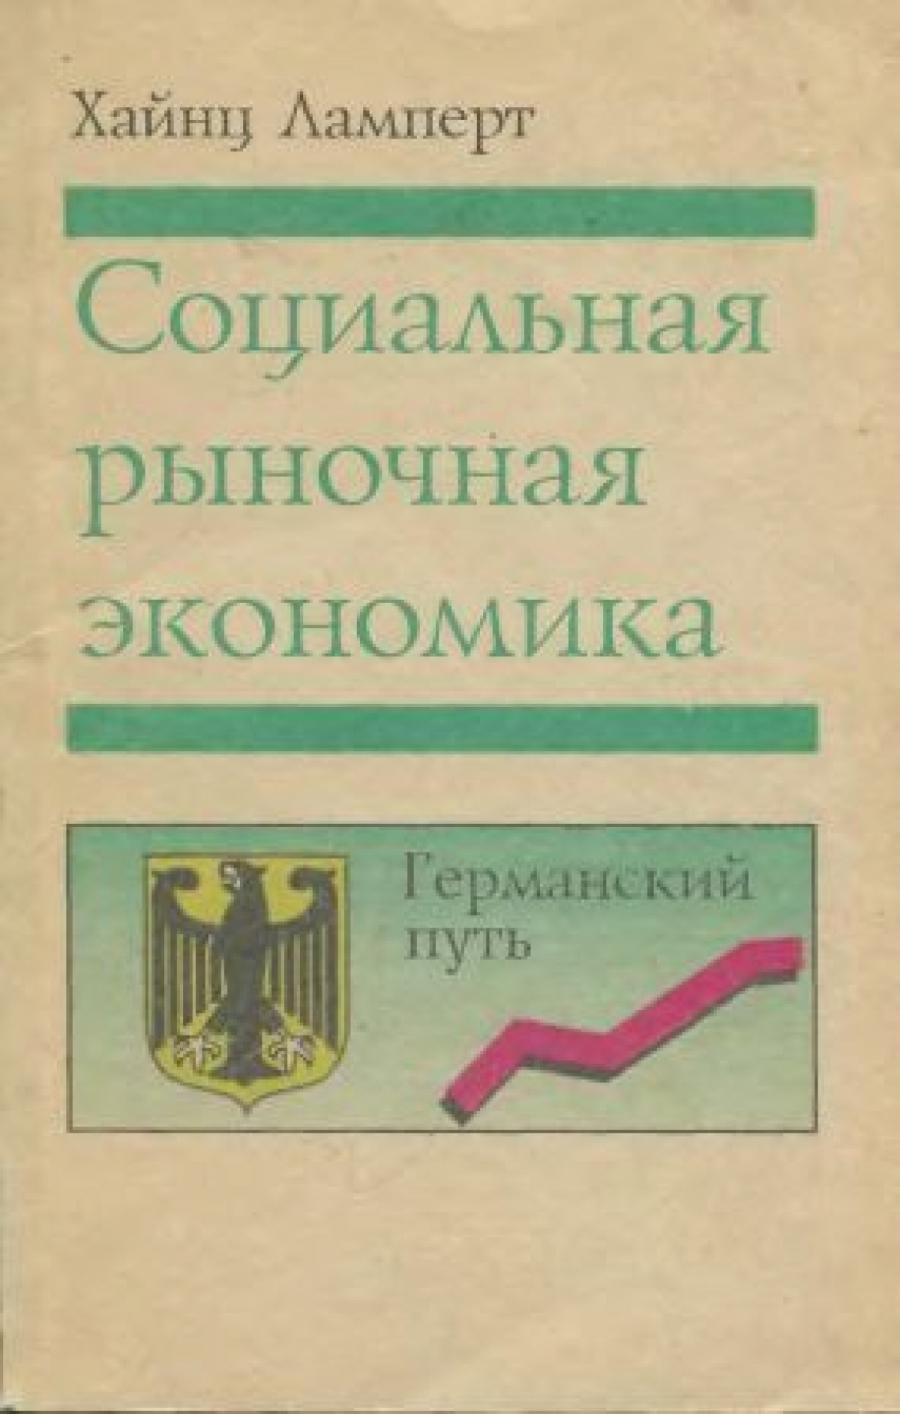 Обложка книги:  ламперт х. - социальная рыночная экономика. германский путь